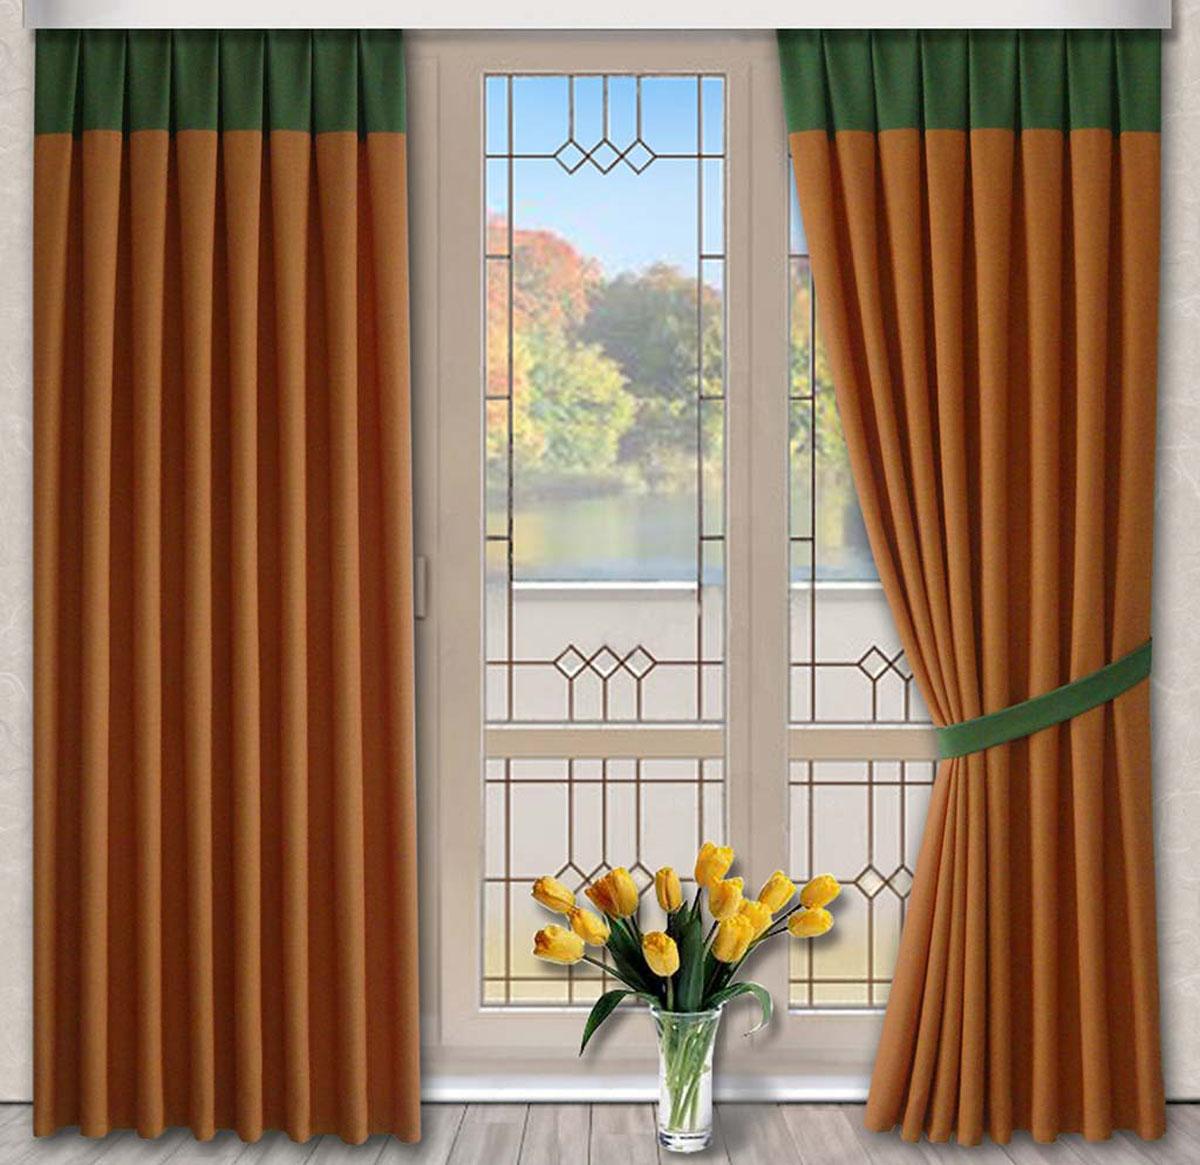 Комплект штор Кантри, на ленте, цвет: оранжевый, зеленый, высота 270 см79719Портьеры из плотной ткани под лён. Стирка не более 30 градусов.